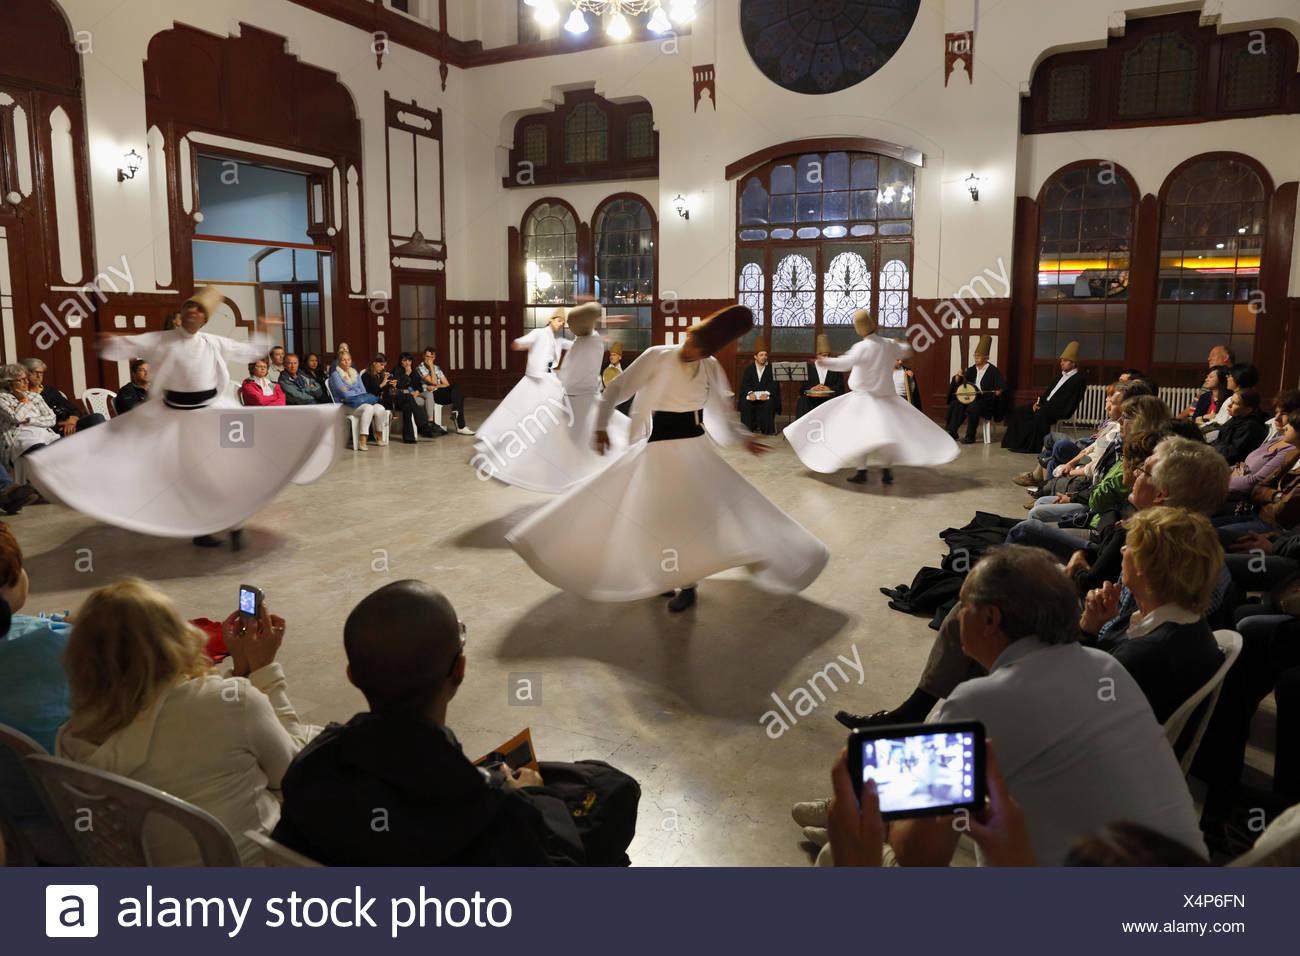 La danse des derviches tourneurs, Sema un Derviche danse, la gare de Sirkeci, Istanbul, Turquie, Europe, Istanbul Banque D'Images